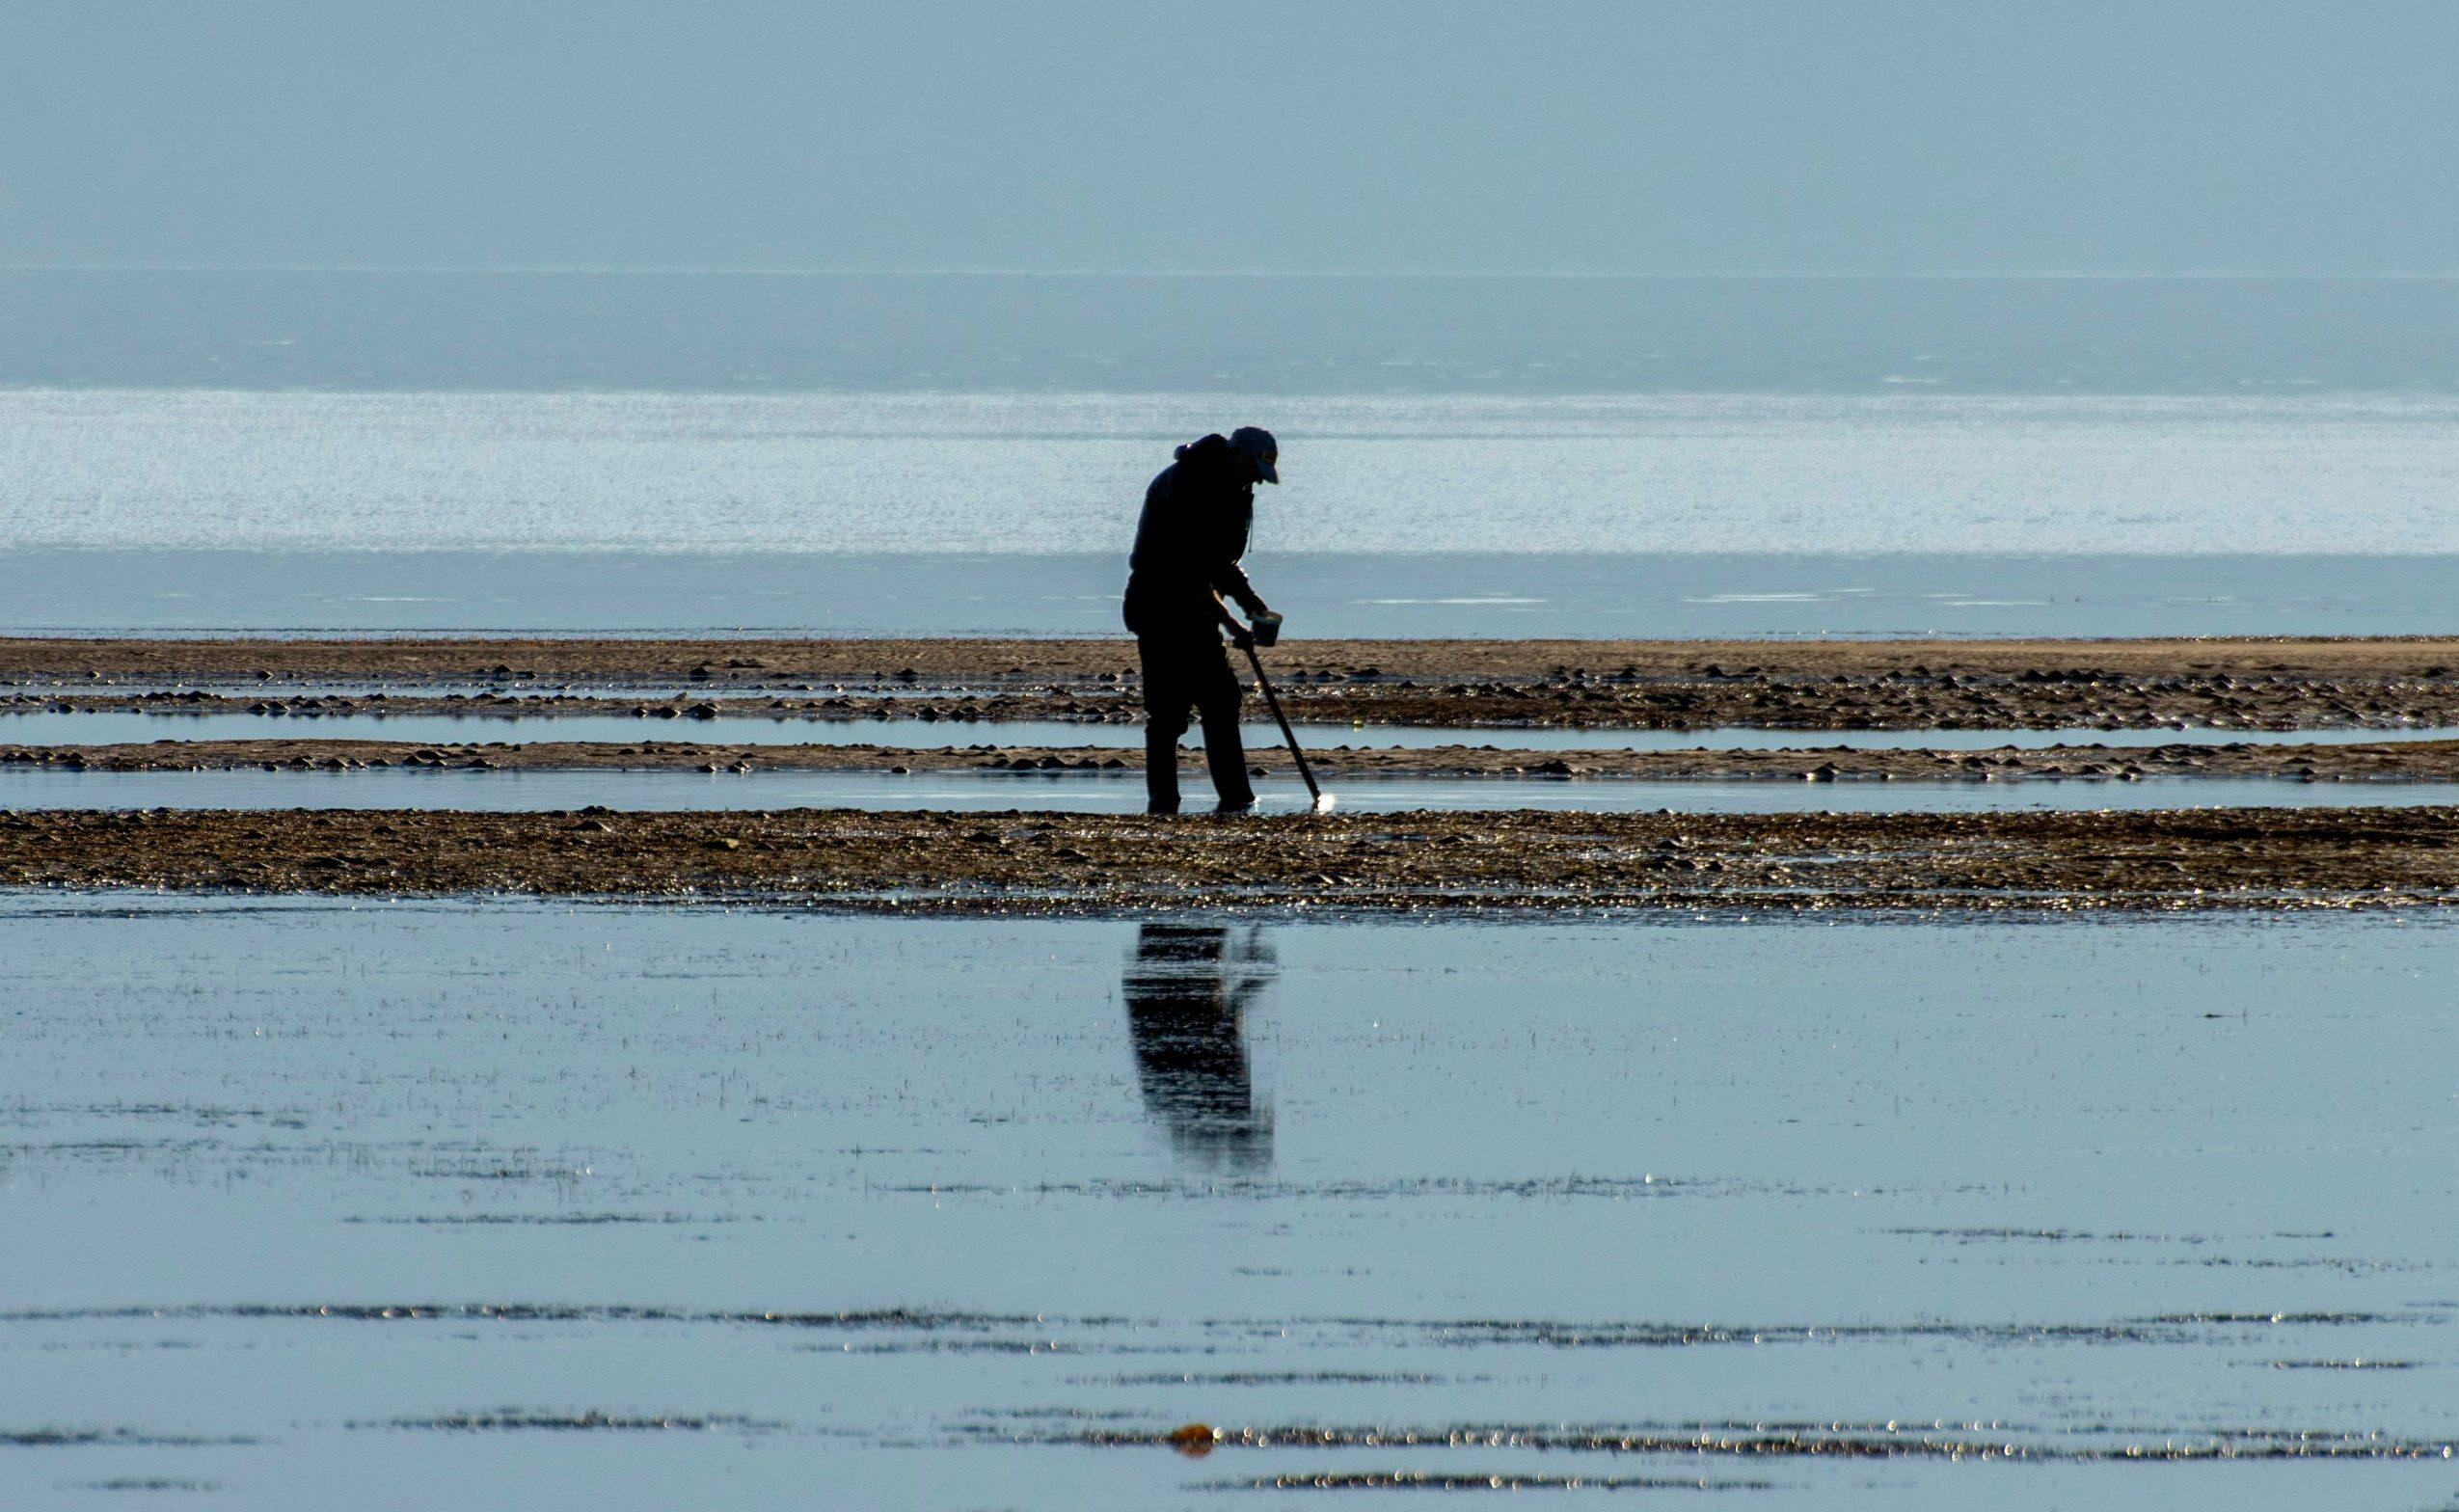 Usce Neretve, 040120. Pomor Periski na Uscu Neretve. U pojedinim dijelovima Mediterana periska ubrzano izumire zbog parazitske bolesti, koja je zahvatila i periske na uscu Neretve. Periska je inace zasticena vrsta ciji je izlov, sakupljanje te trgovna strogo zabranjena. Foto: Denis Jerkovic / CROPIX